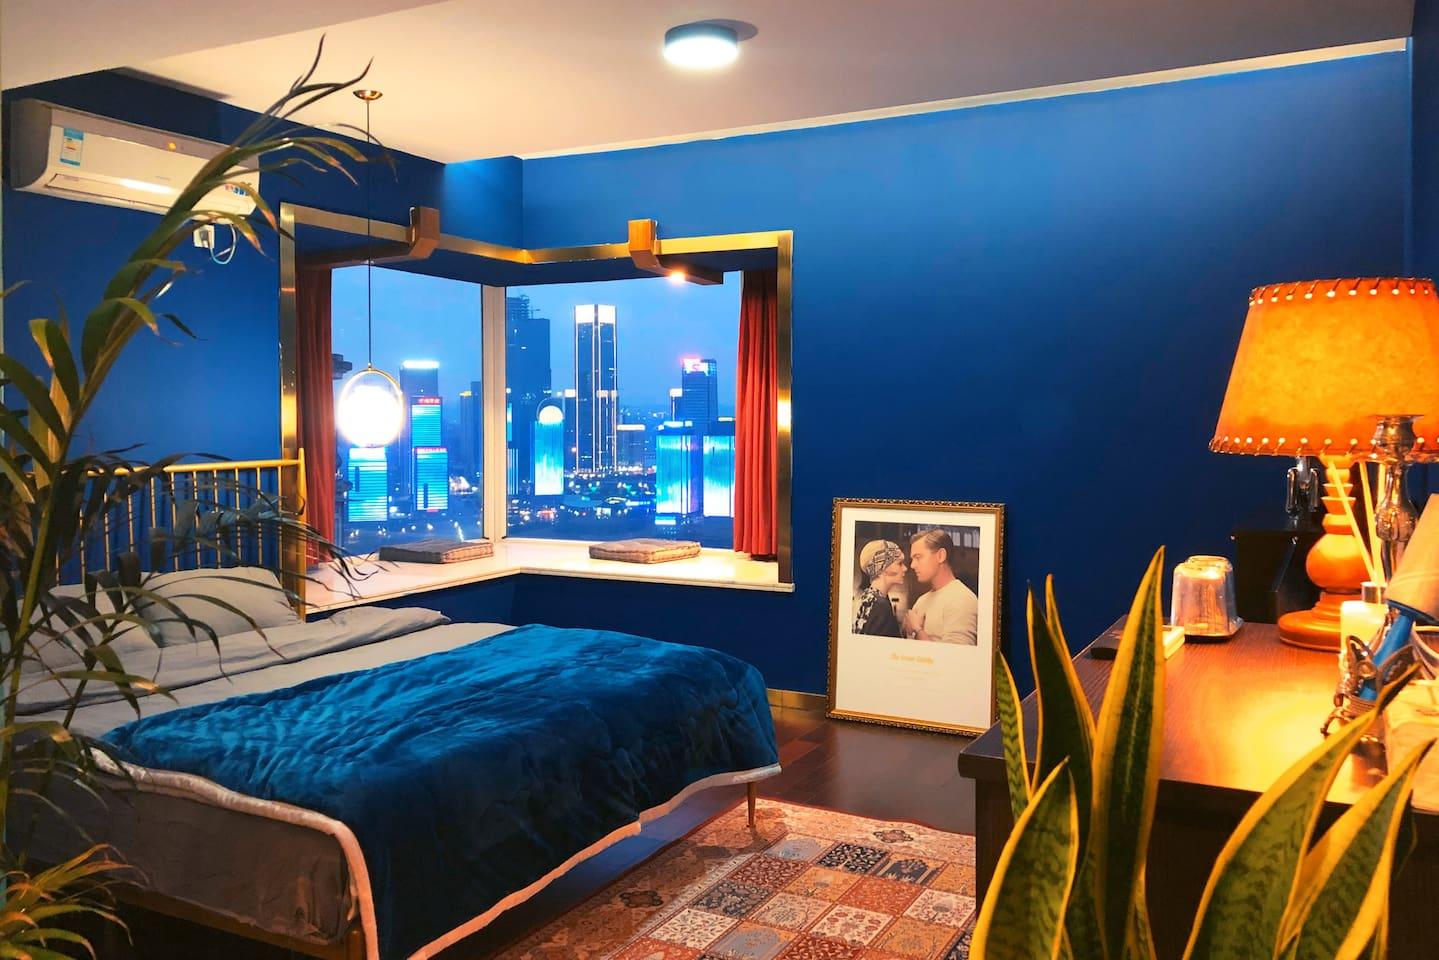 《雨夜曼彻斯特》暗蓝色的美式轻奢主题房,拥有榻榻米会客区,和超大的衣柜全身镜。金色的1.8✖️2m铁艺大床,精选的宜家柔软床垫,和绿色主题房一样的L型大窗(景观也是一致的),但拥有更佳的夜景视角。小米43寸电视、超大卫生间。